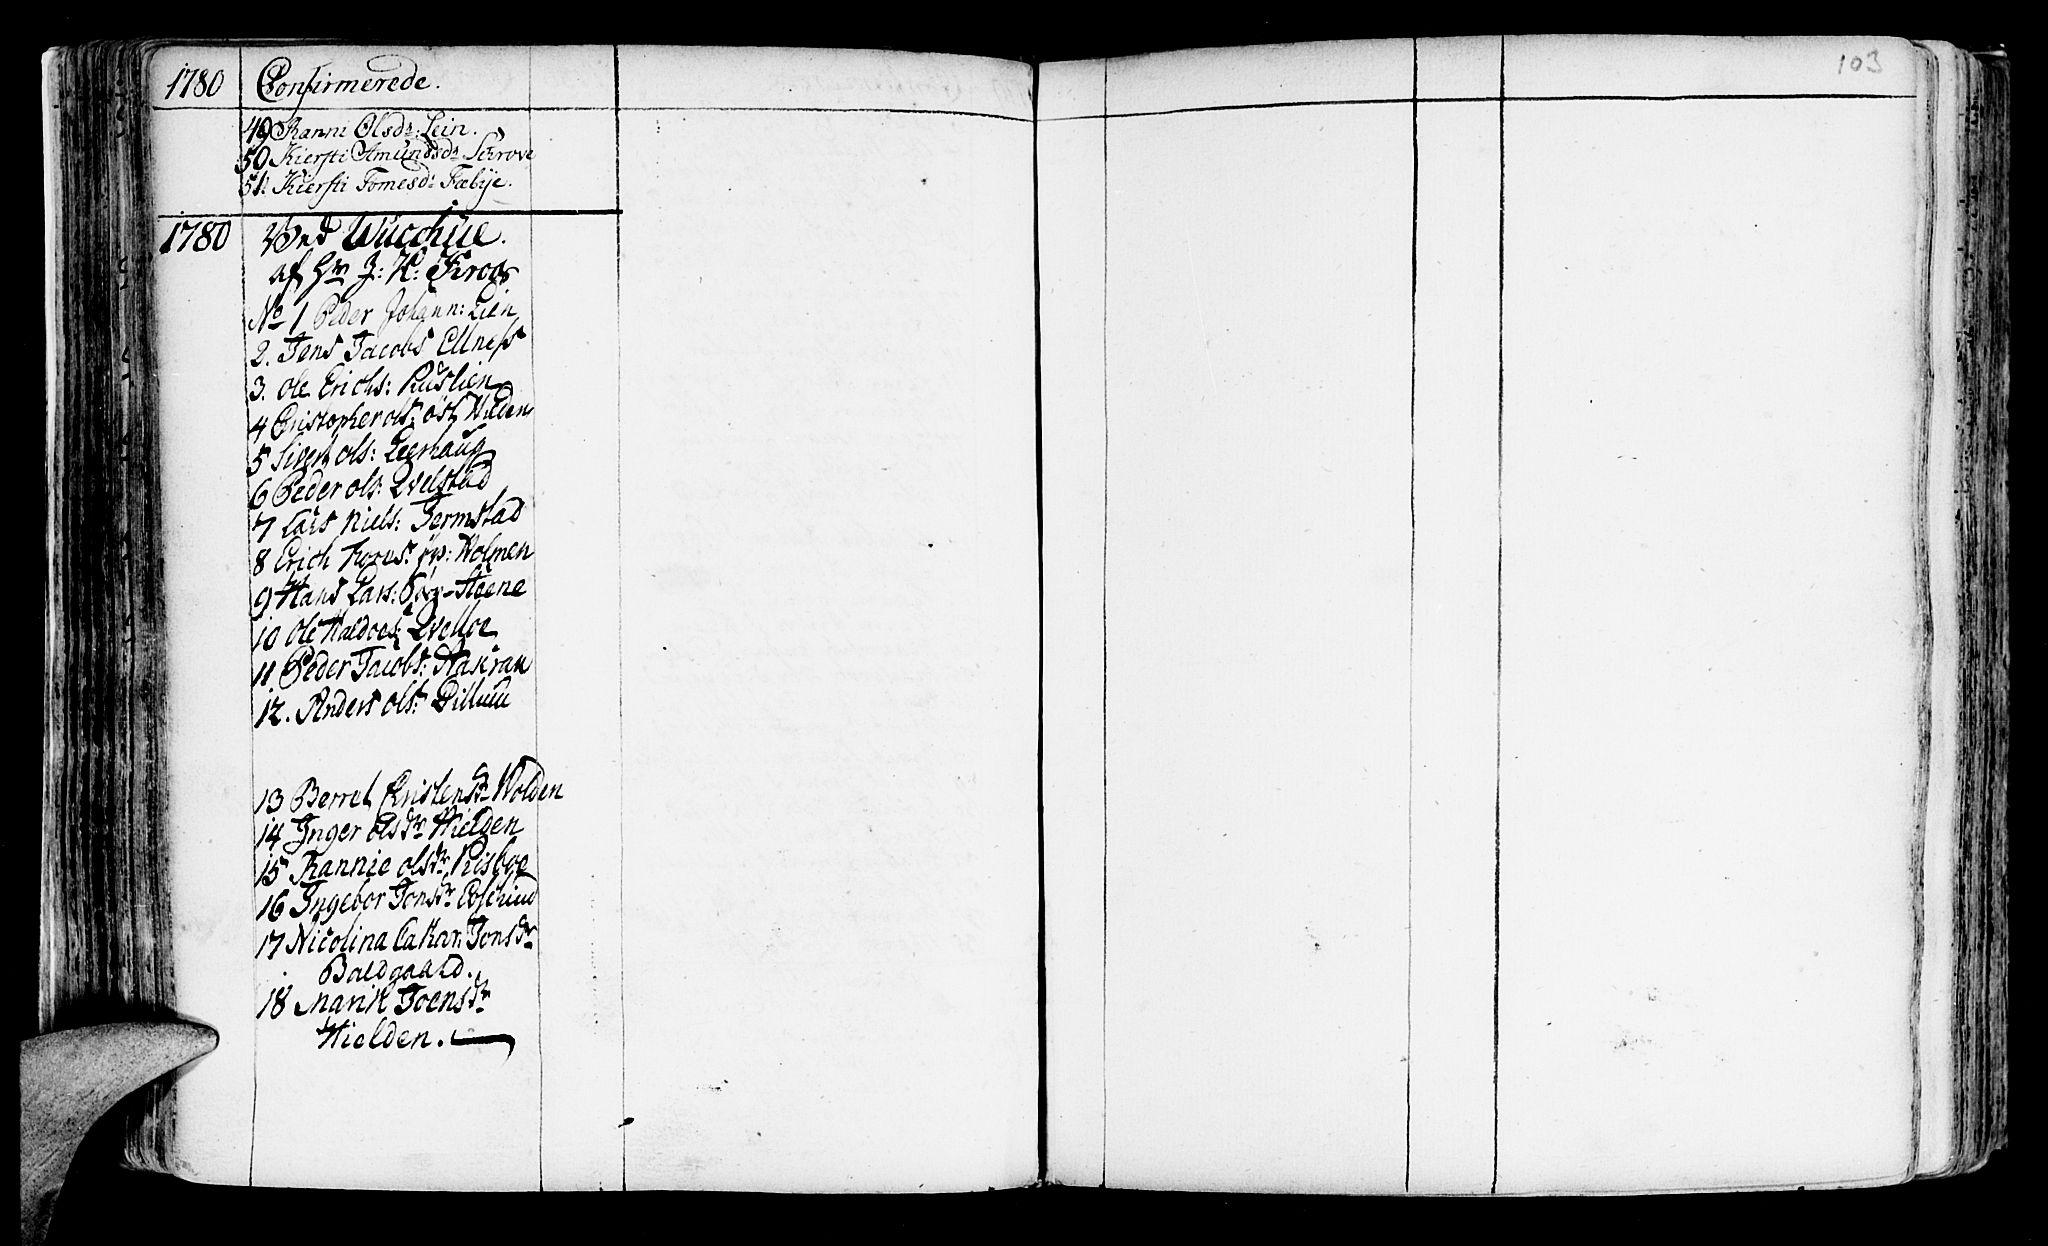 SAT, Ministerialprotokoller, klokkerbøker og fødselsregistre - Nord-Trøndelag, 723/L0231: Ministerialbok nr. 723A02, 1748-1780, s. 103